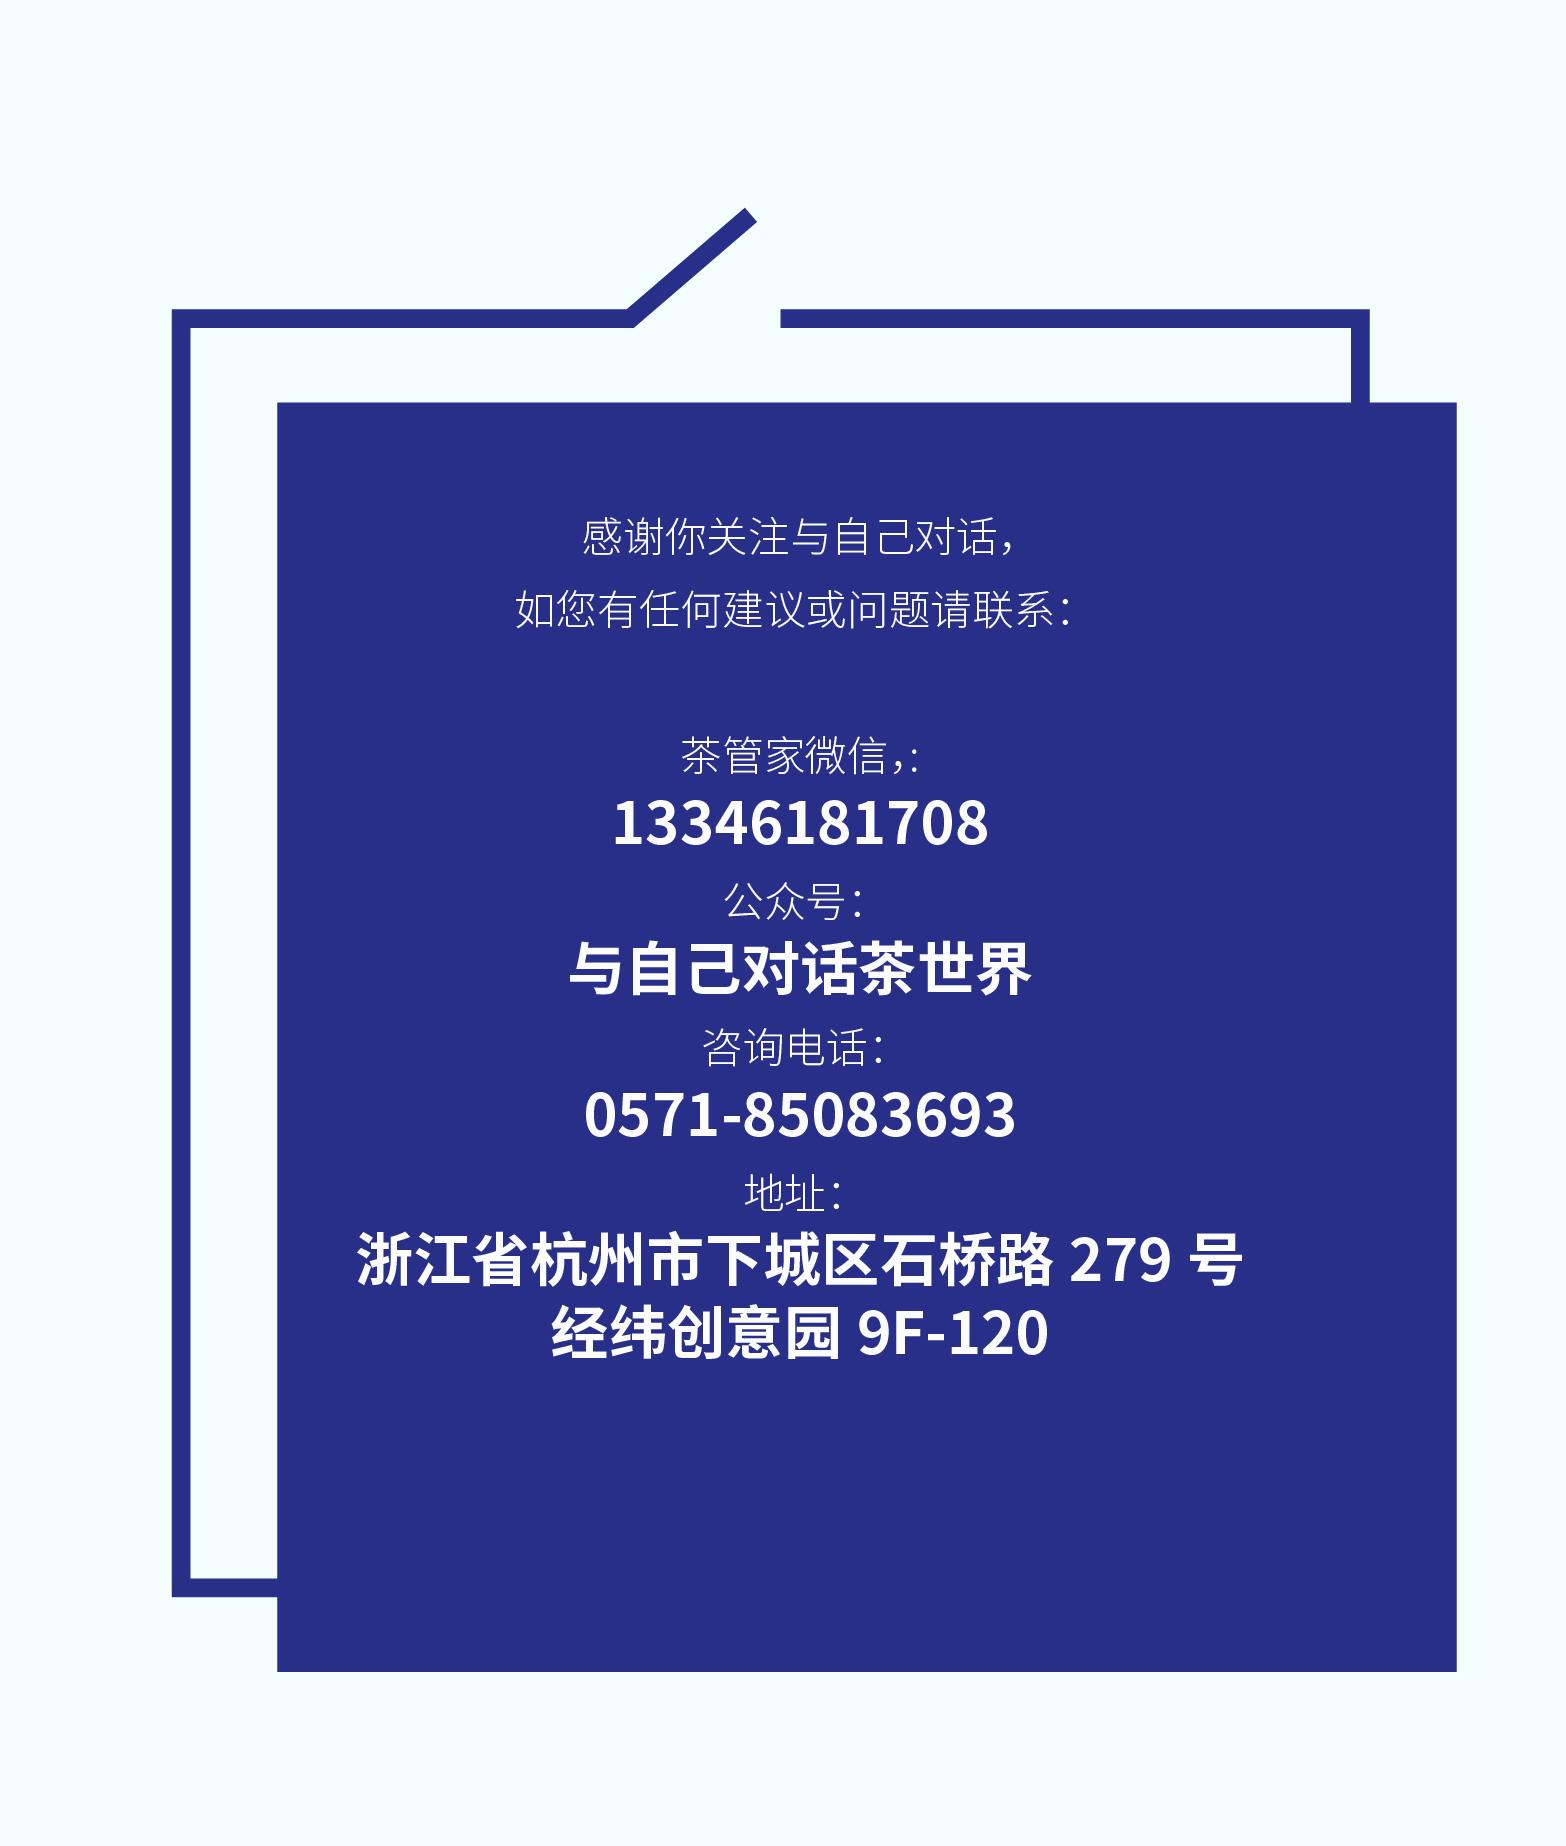 微信图片_20190923211628_04.jpg